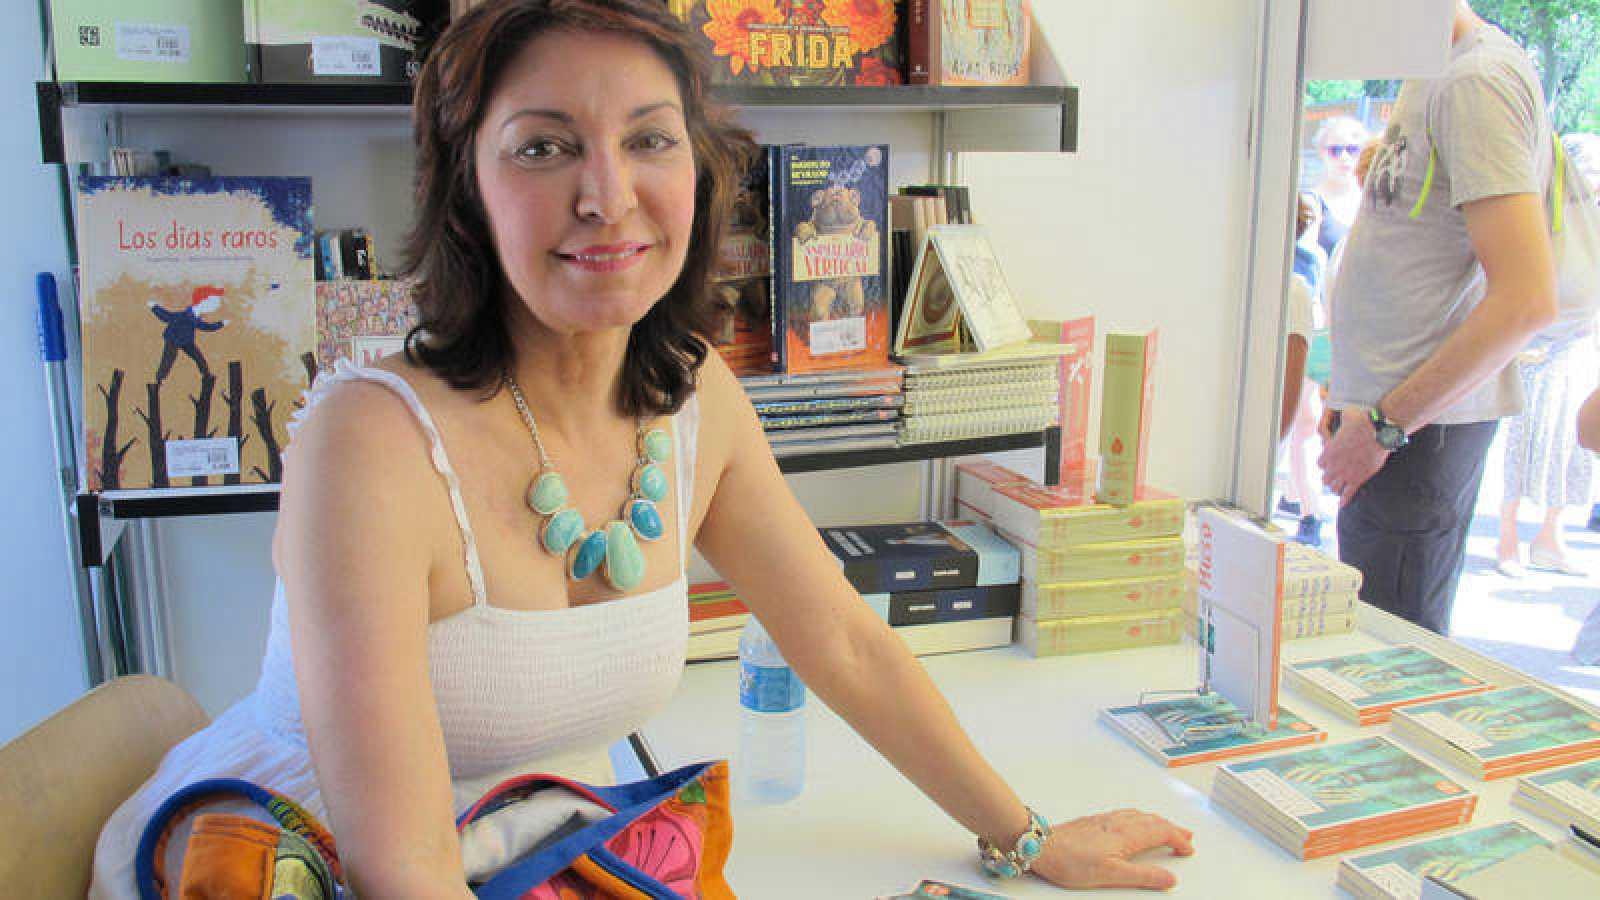 La escritora cubana Daína Chaviano, en la Feria del Libro de Madrid durante la firma de ejemplares de su libro 'Extraños testimonios'